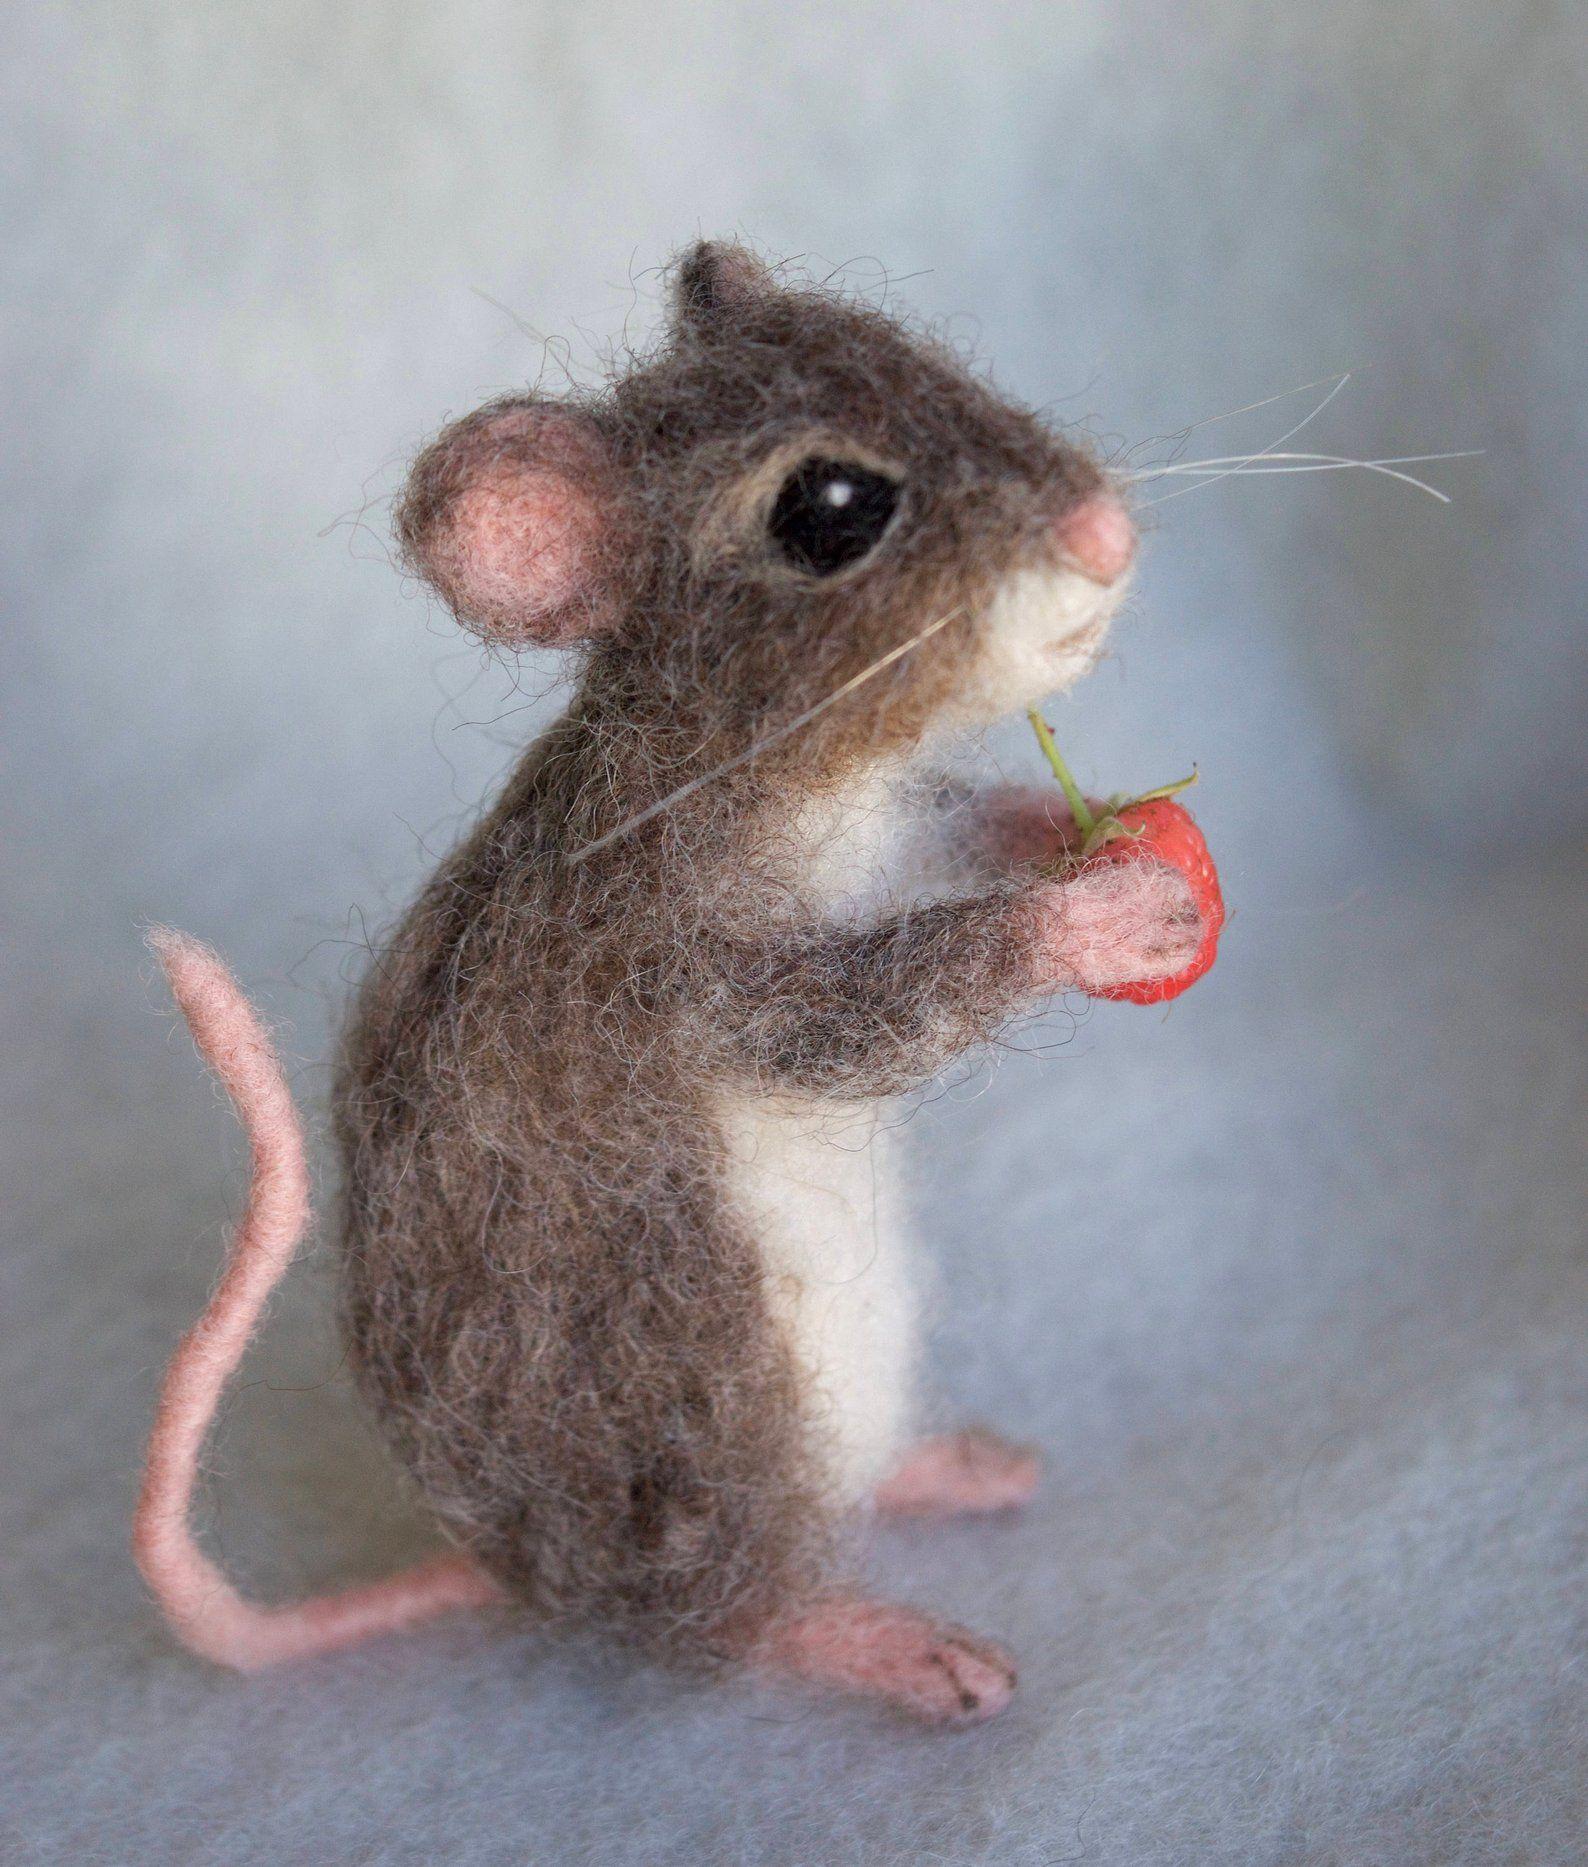 Nadel Gefilzt Maus Bewegliche Realistischen Lebensgrossen Filzmaus Filzen Und Nadelfilztiere